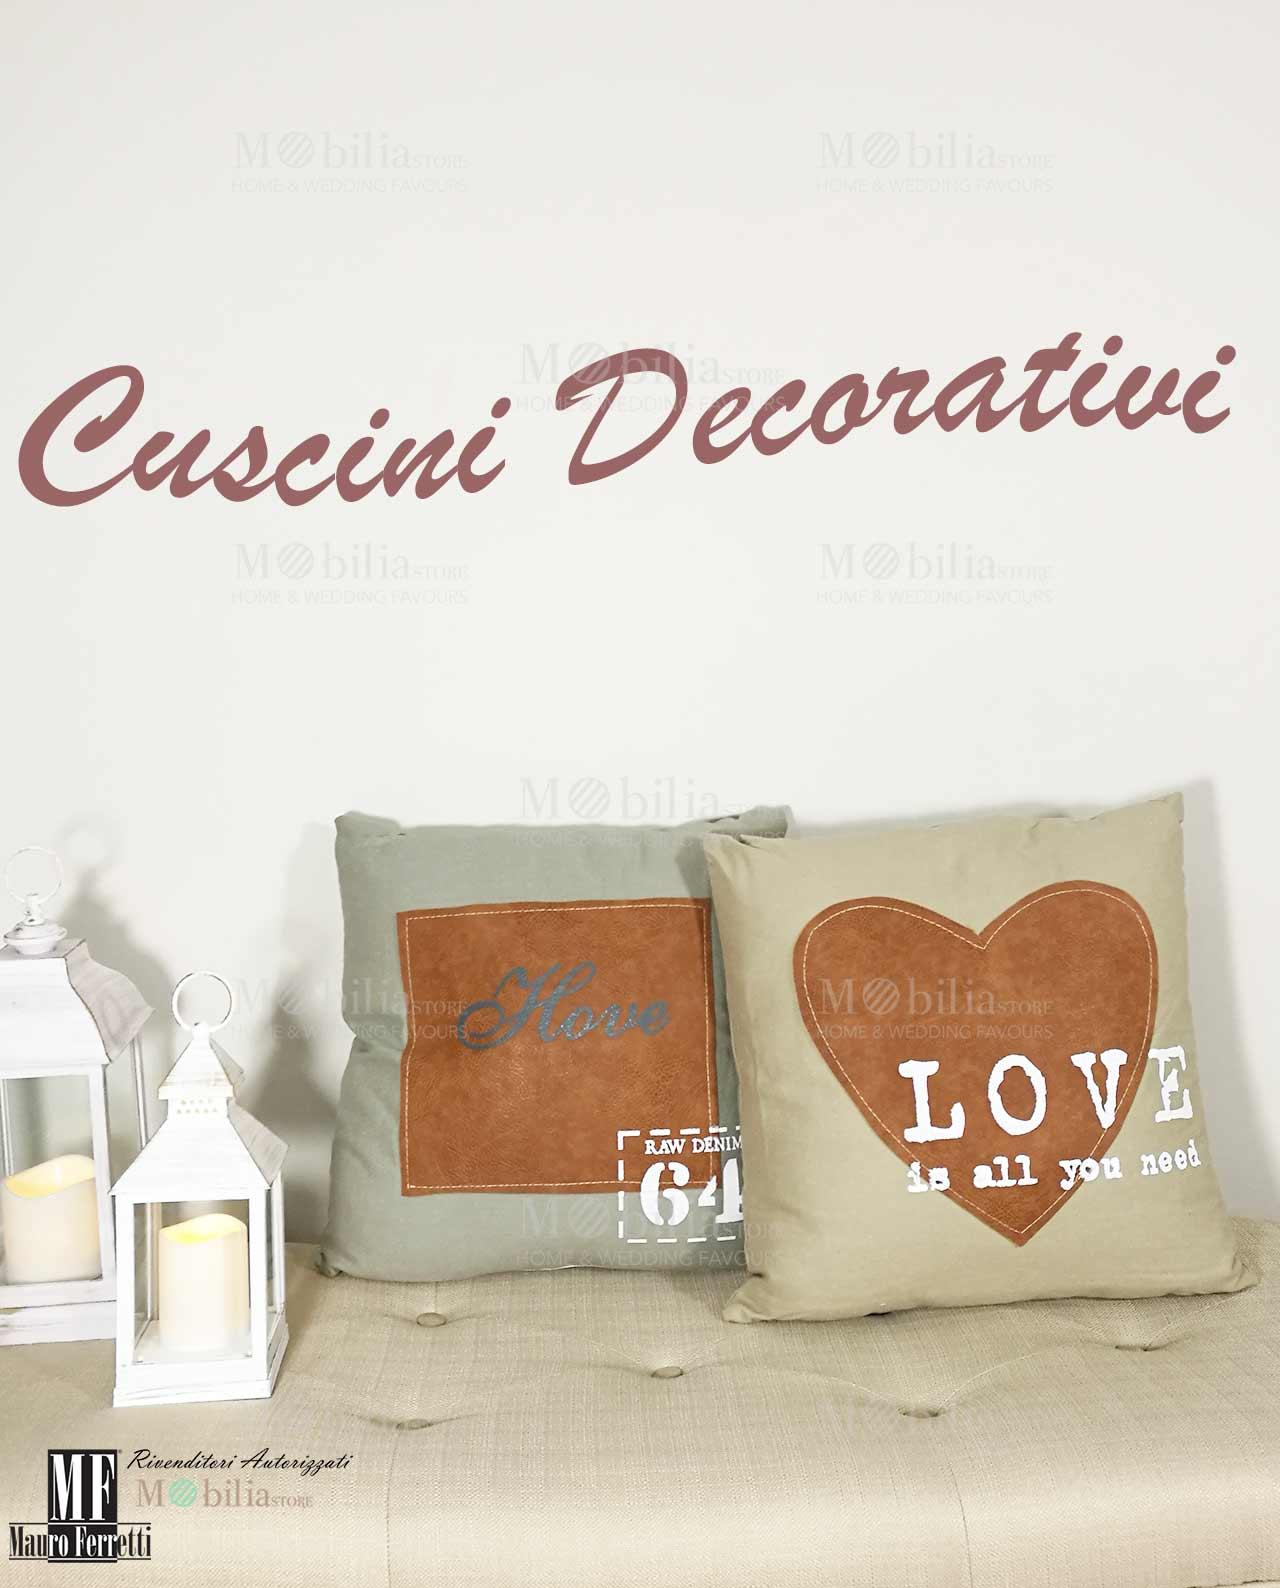 Cuscini Decorativi per Divano